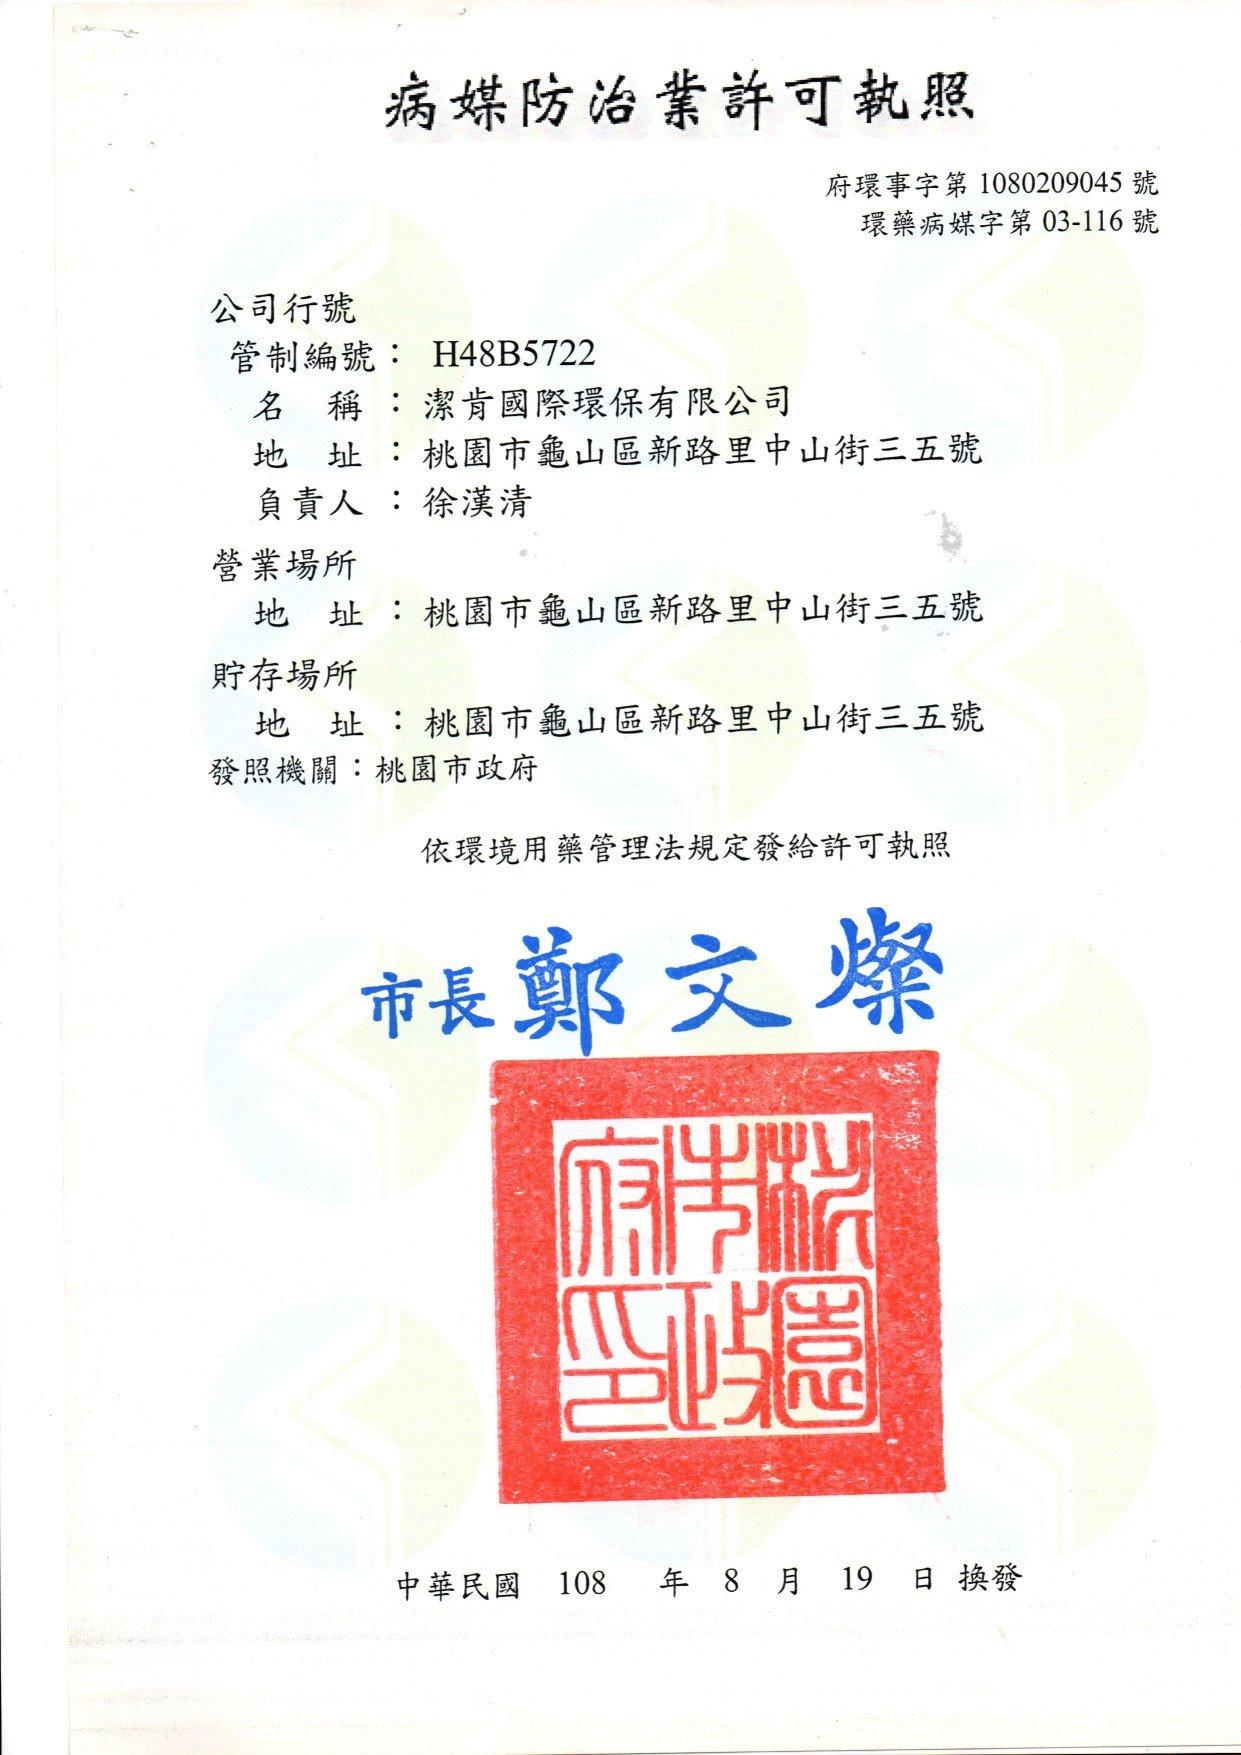 潔肯國際環保公司取得病媒防治業許可執照,環藥病媒字第03-116號